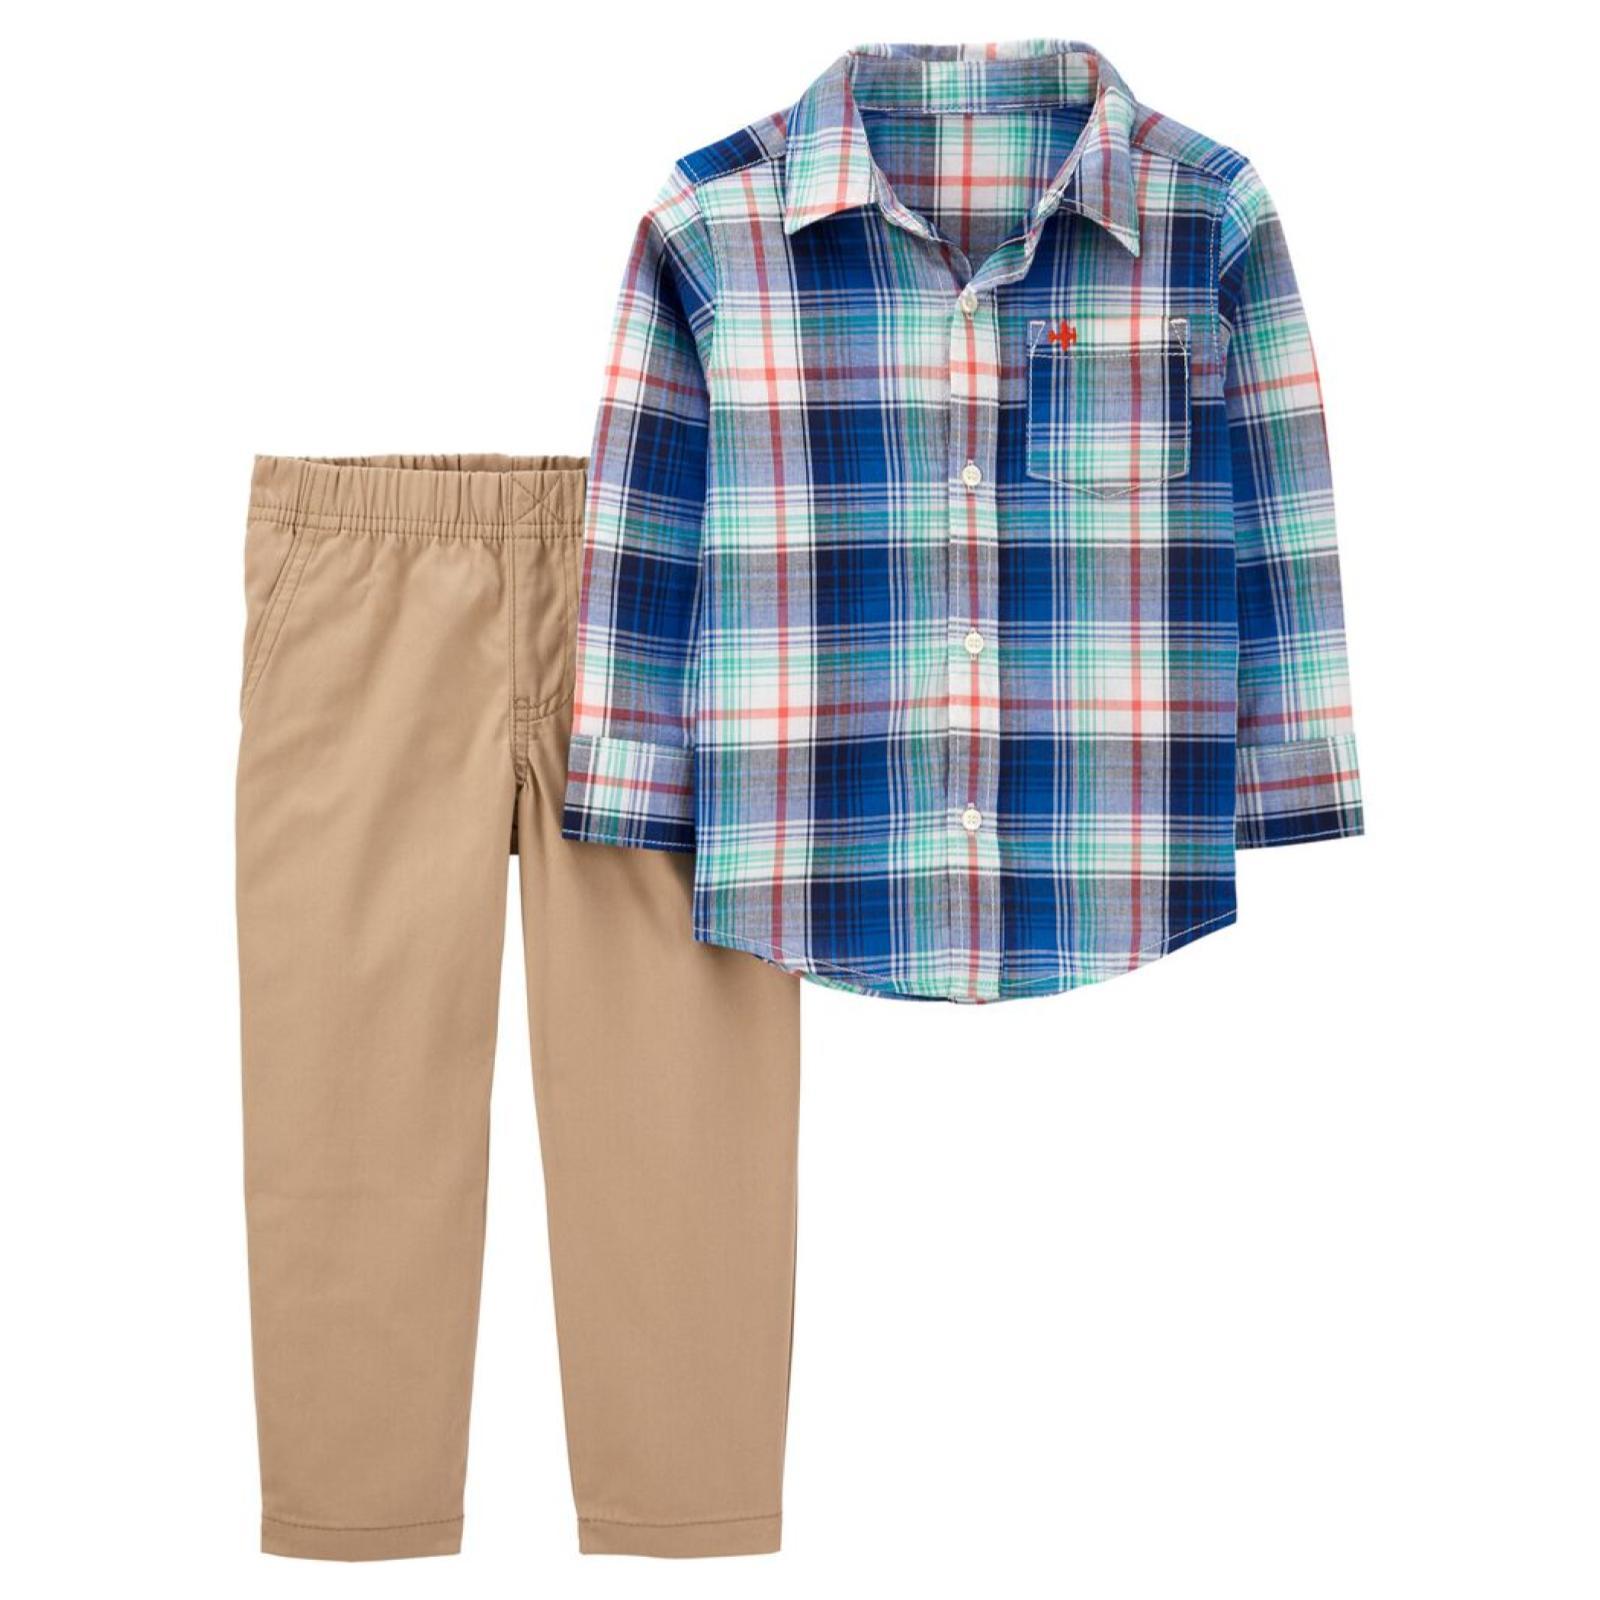 Conjunto 2 peças xadrez azul - camisa manga longa e calça bege